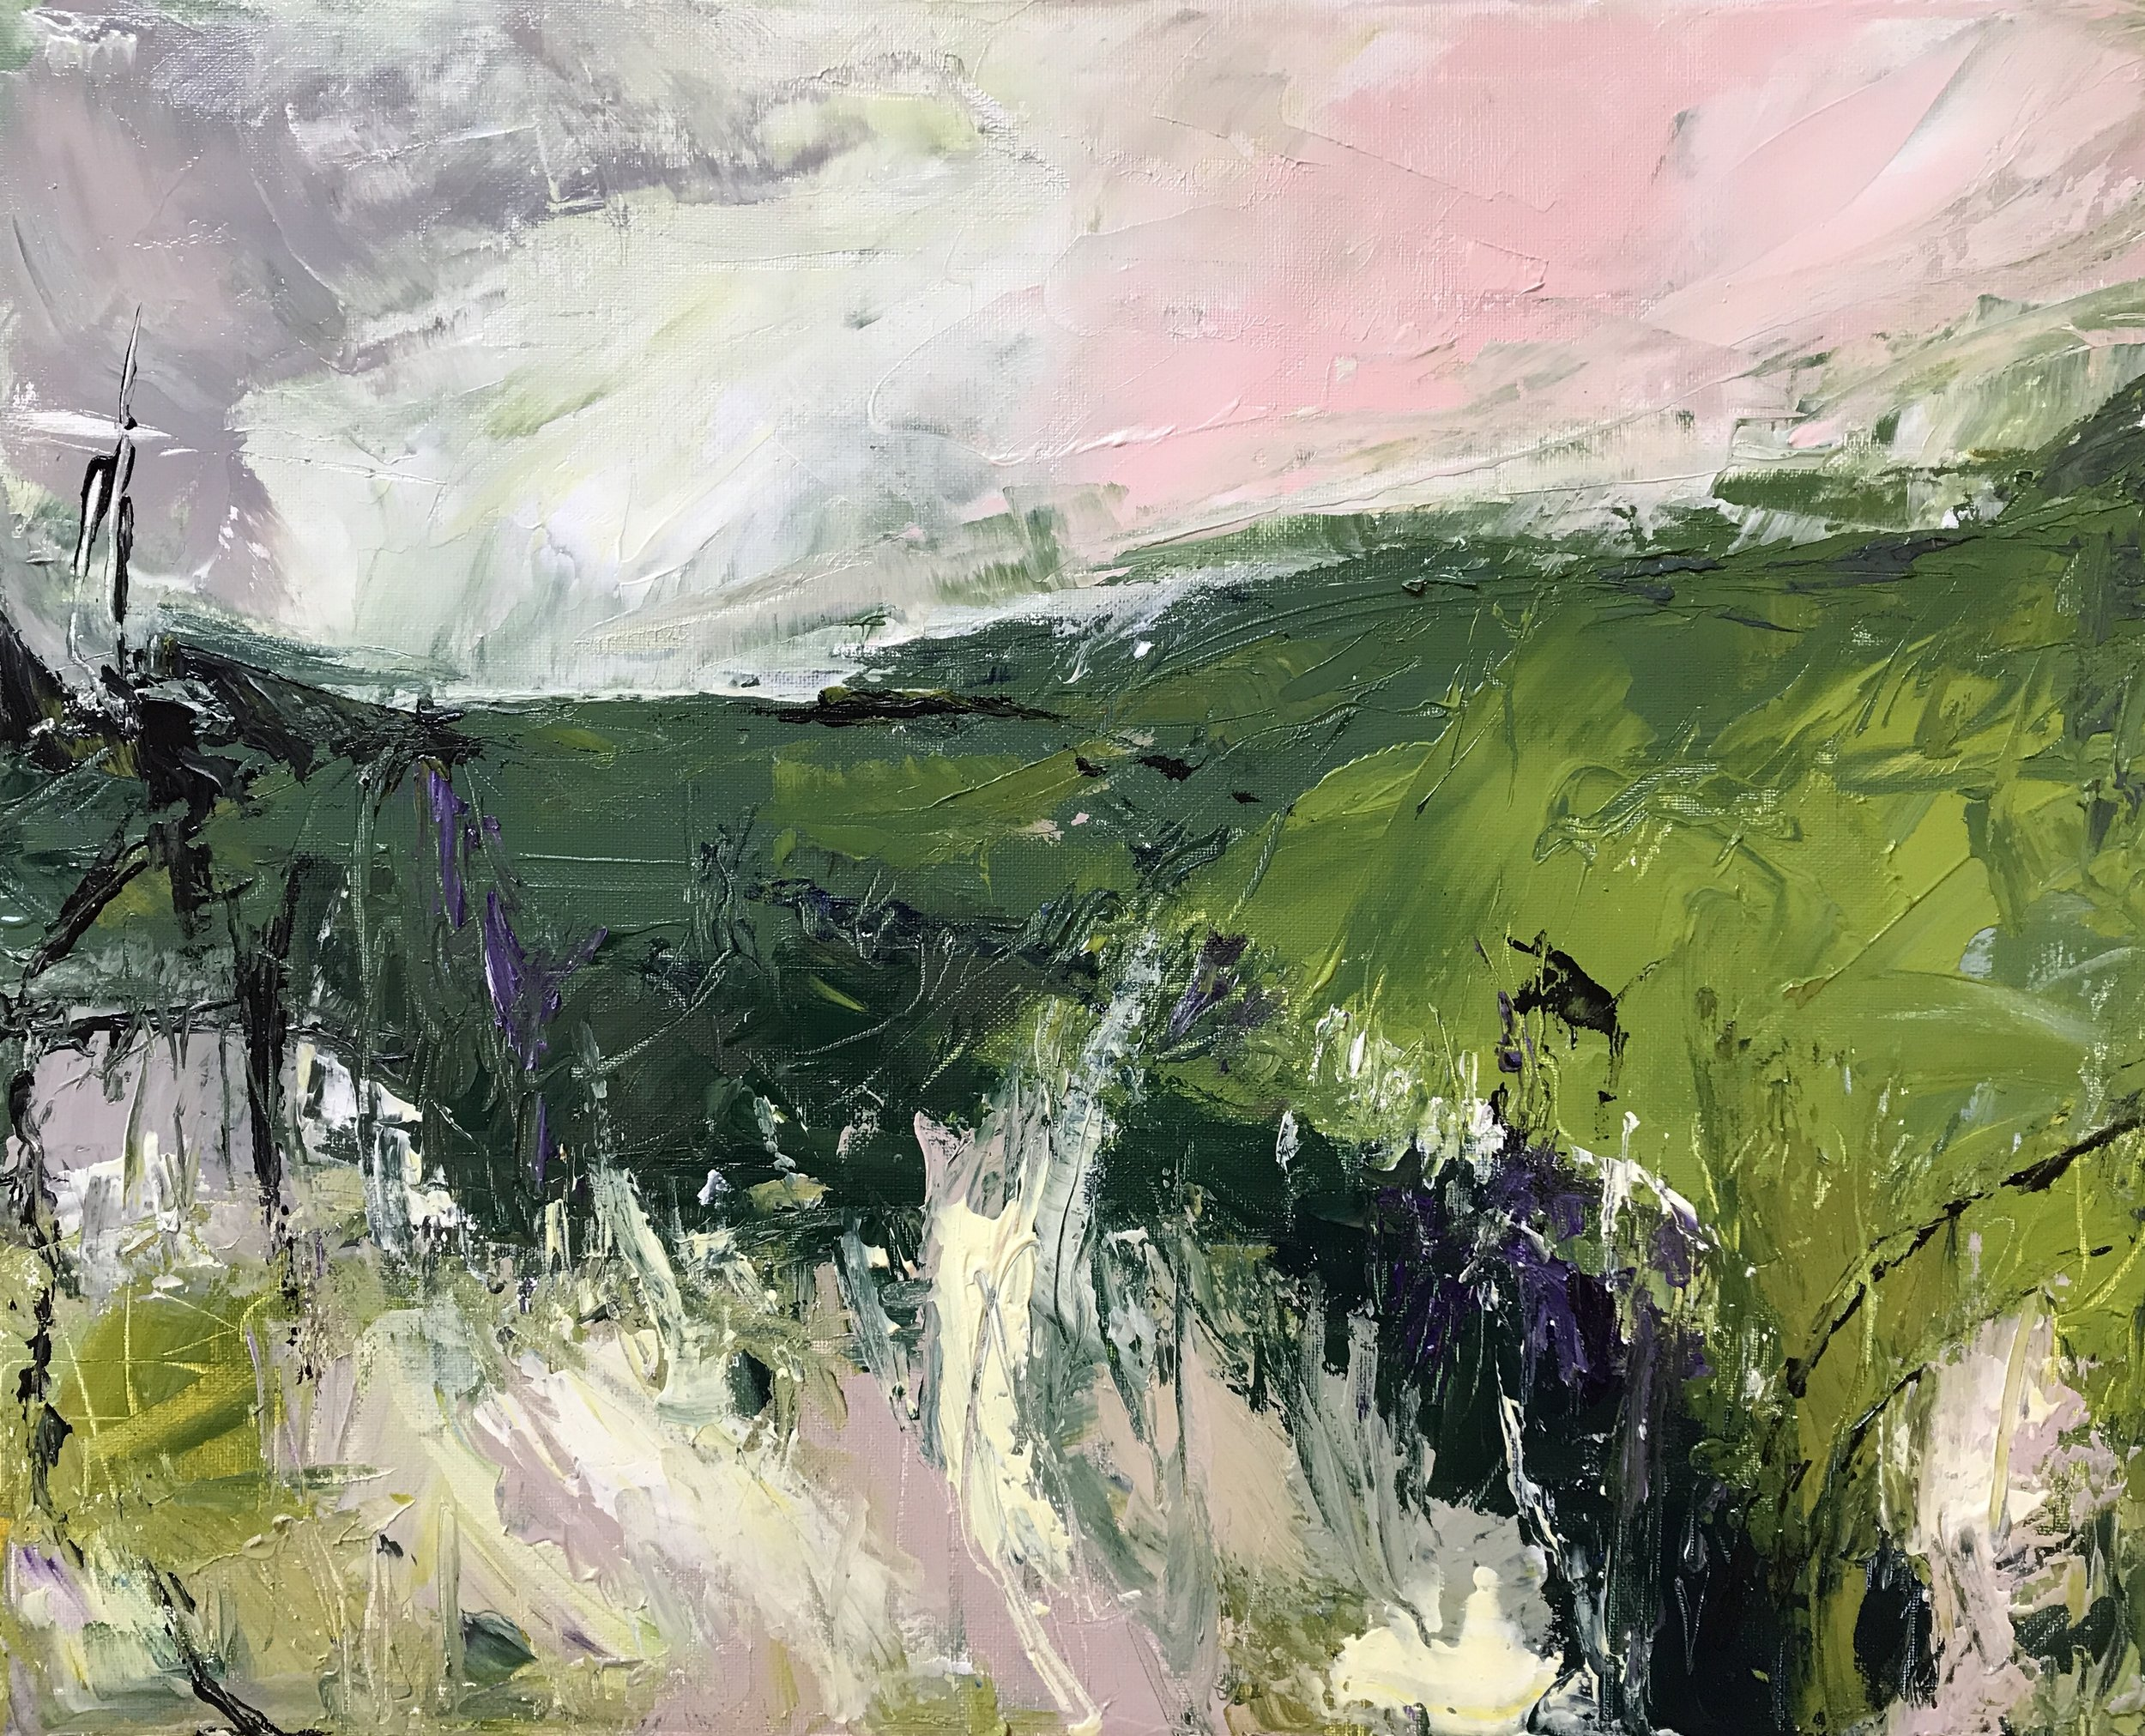 On Fackenden Down - acrylic on canvas  50x40cm